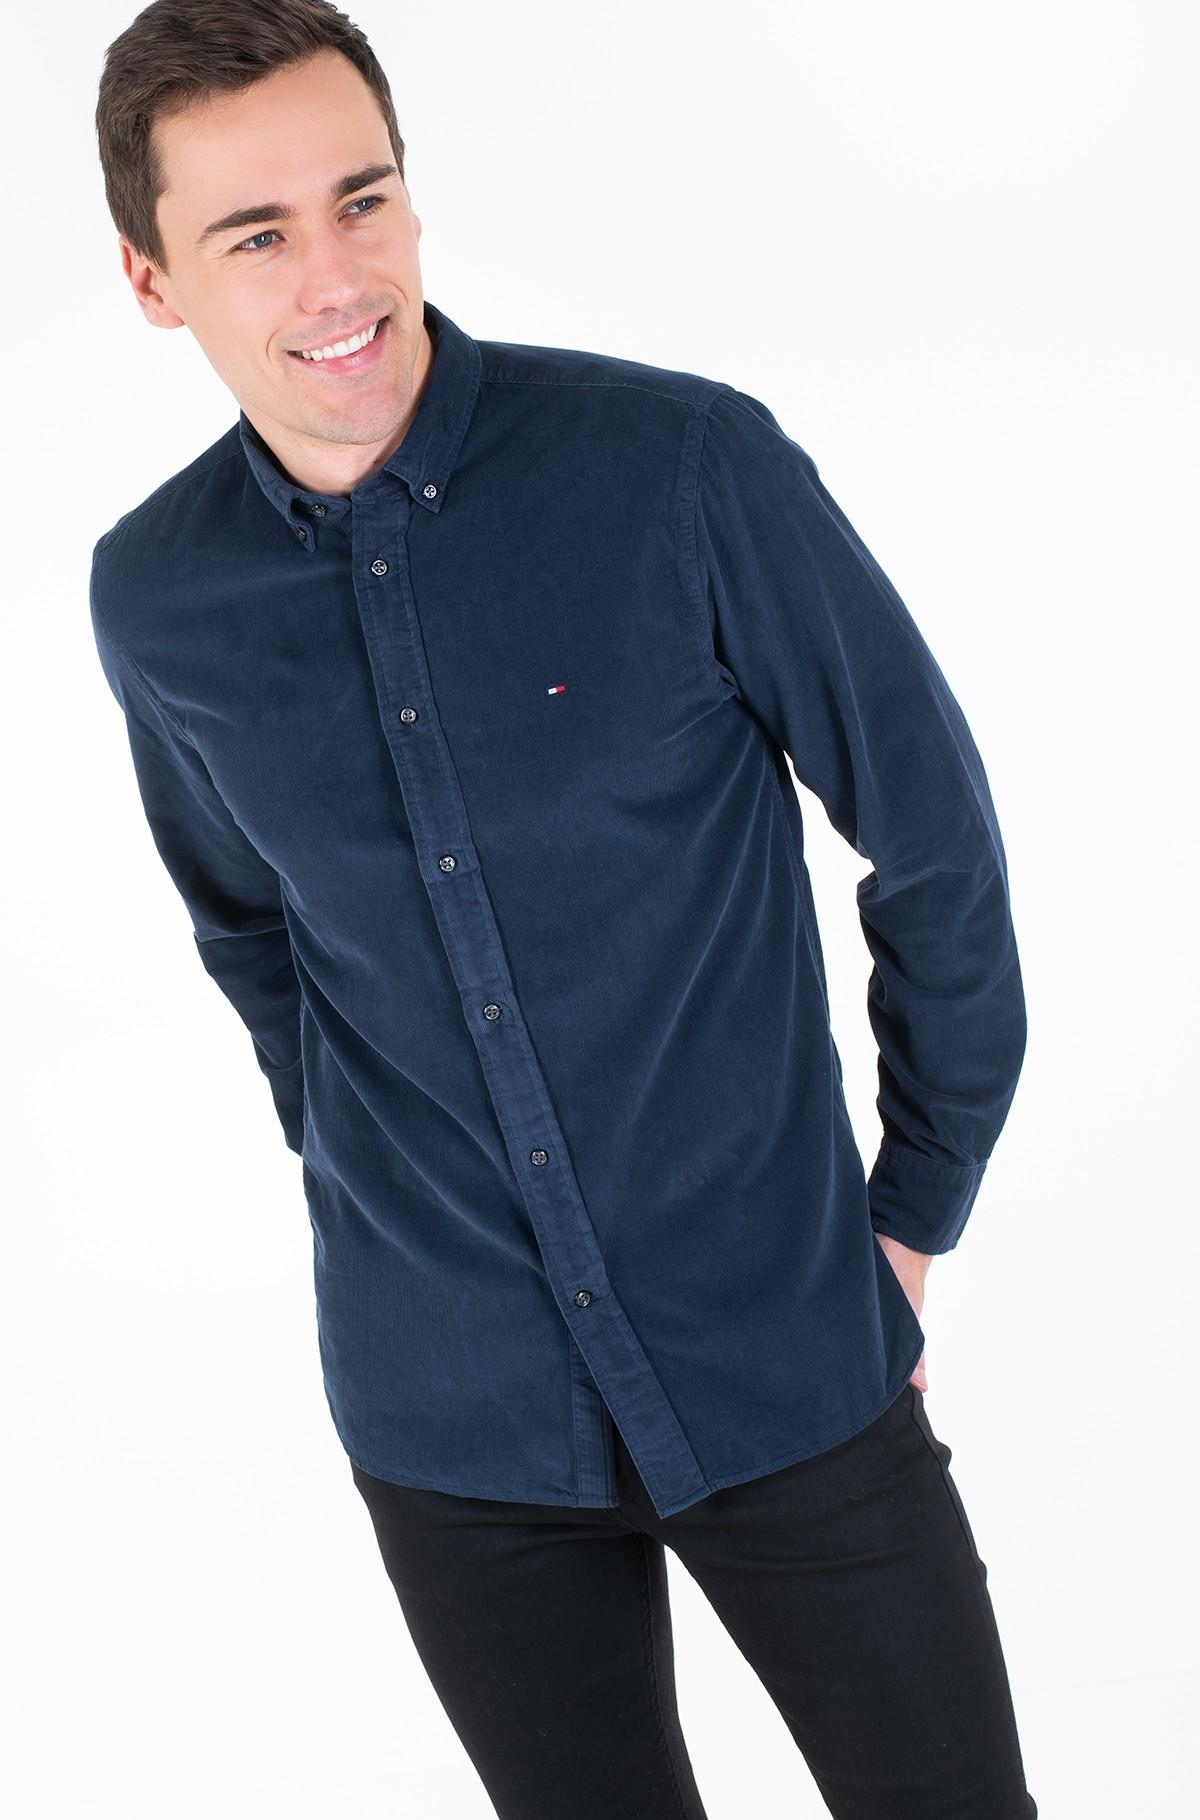 Velvetiniai marškiniai GARMENT DYED CORDUROY SHIRT-full-2